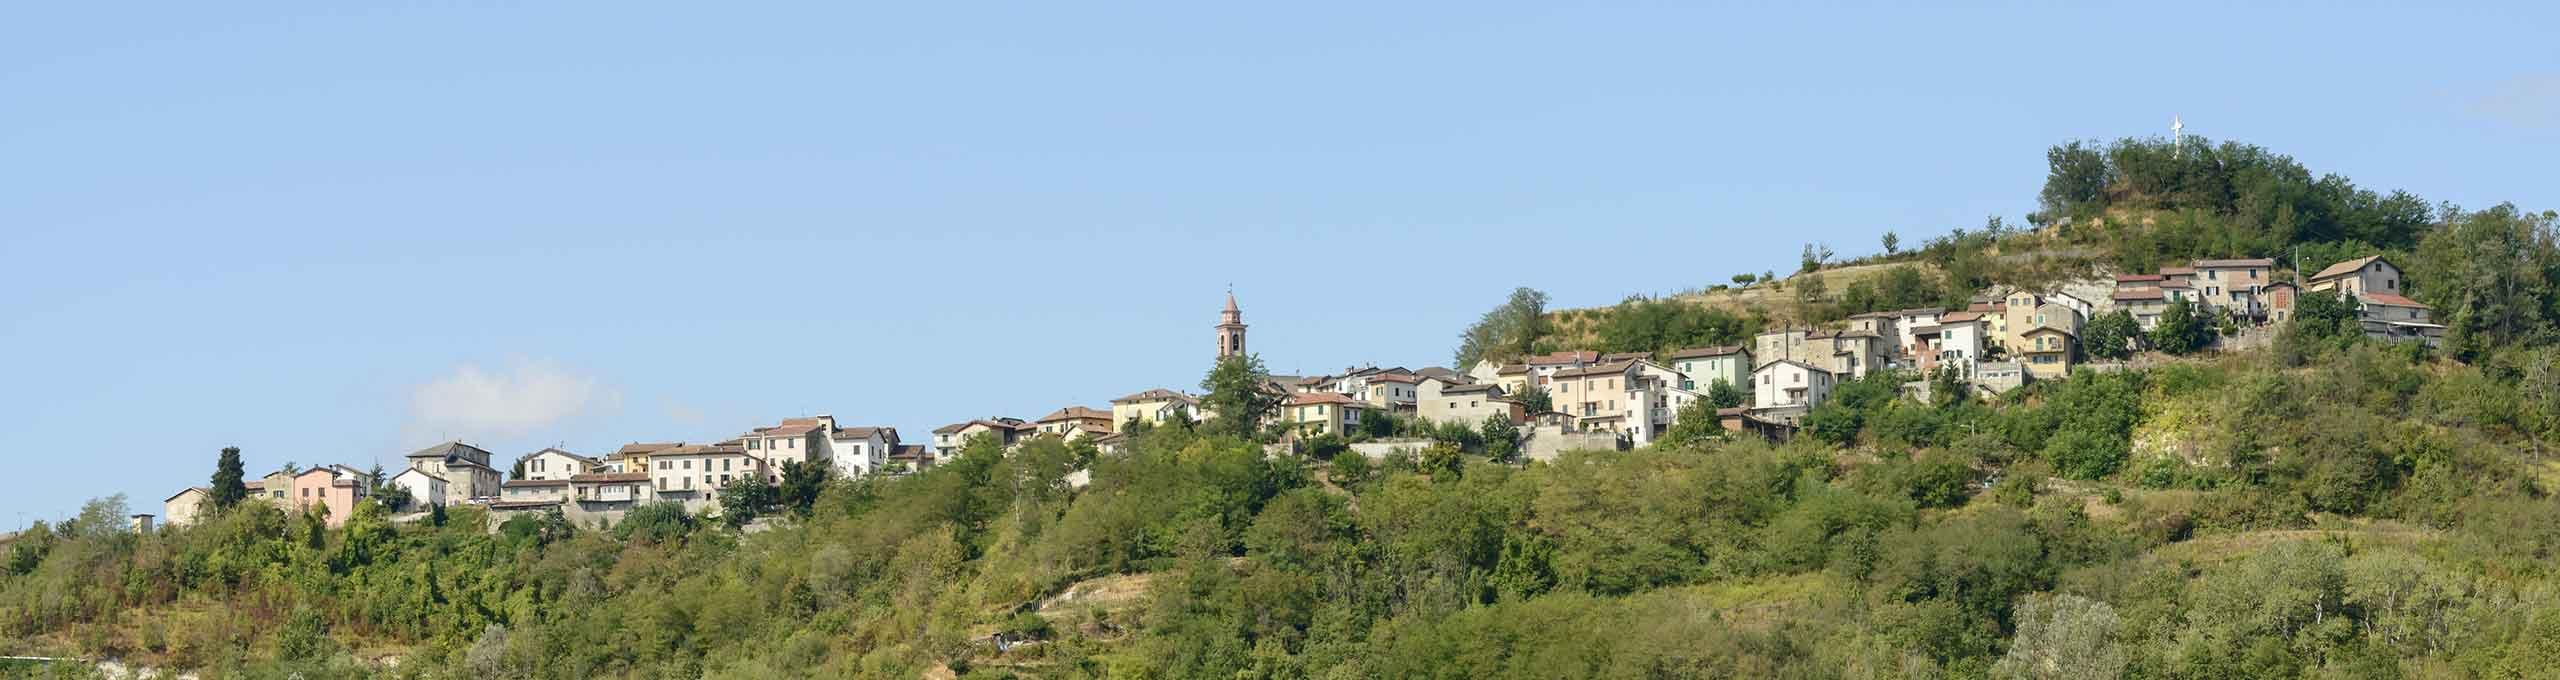 Parodi Ligure, alta Val Lemme e alto Ovadese, Piemonte